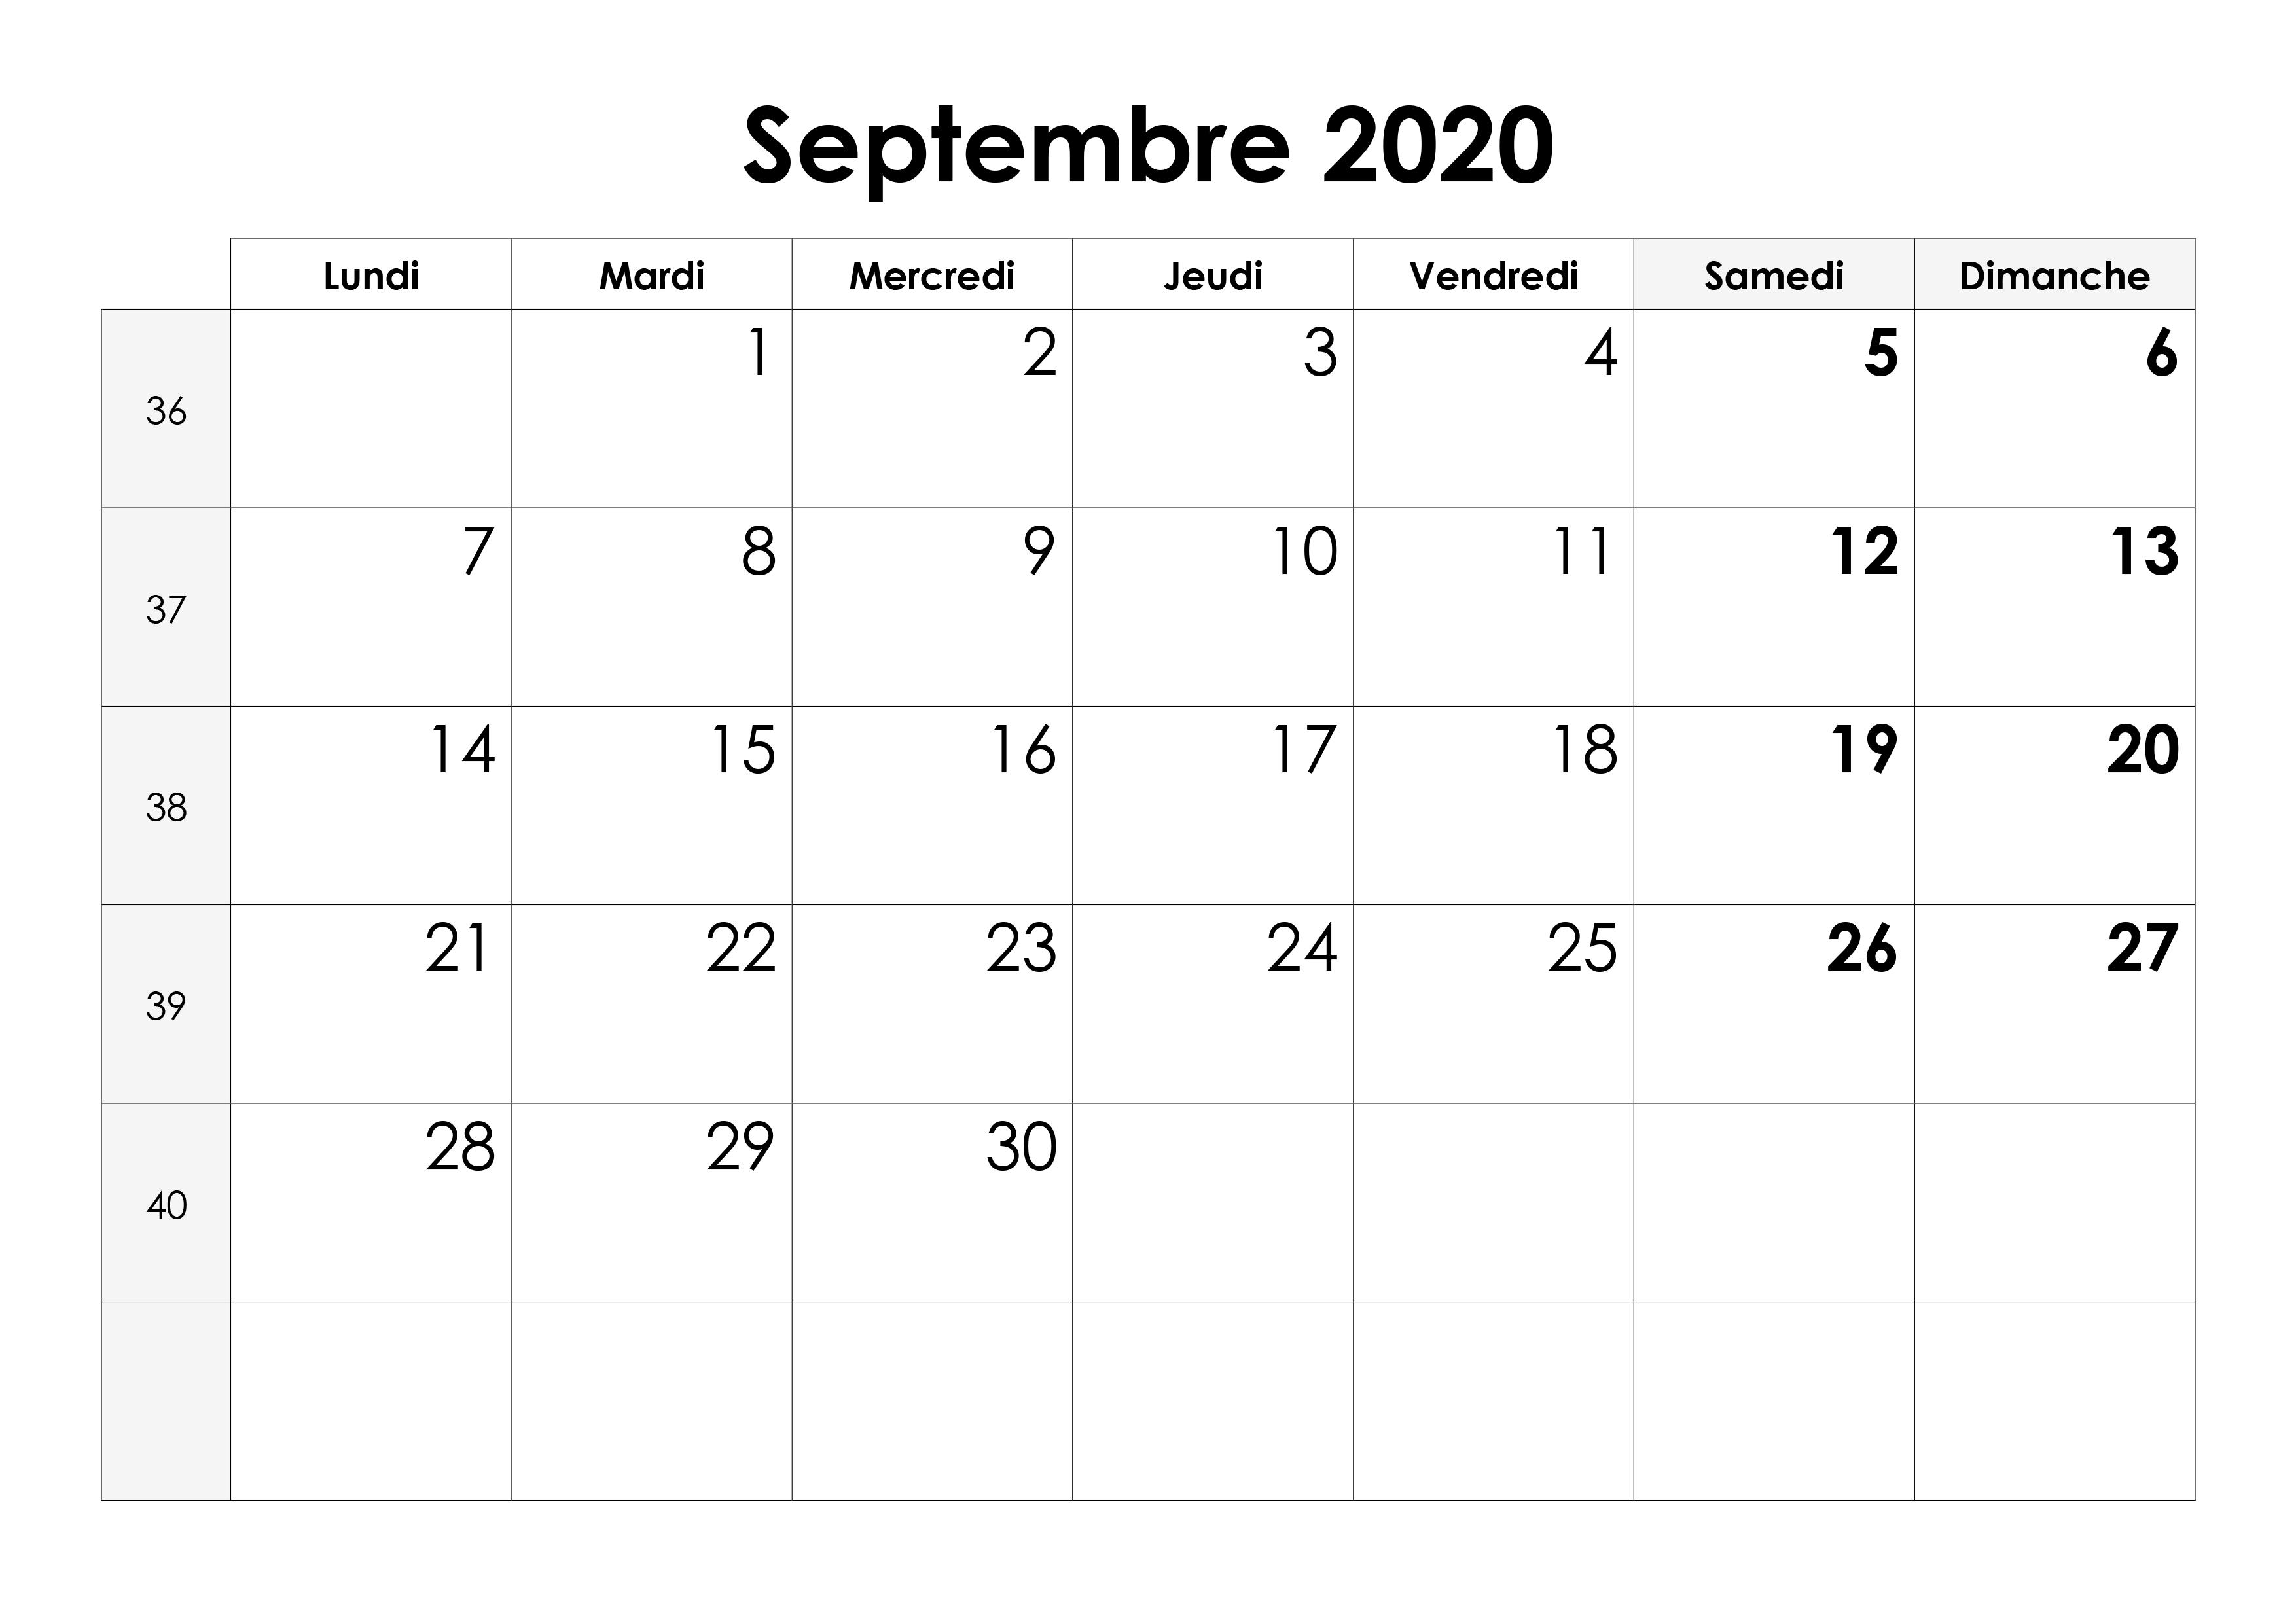 Calendrier Septembre 2020 Septembre 2019.Calendrier Septembre 2020 Calendrier Su